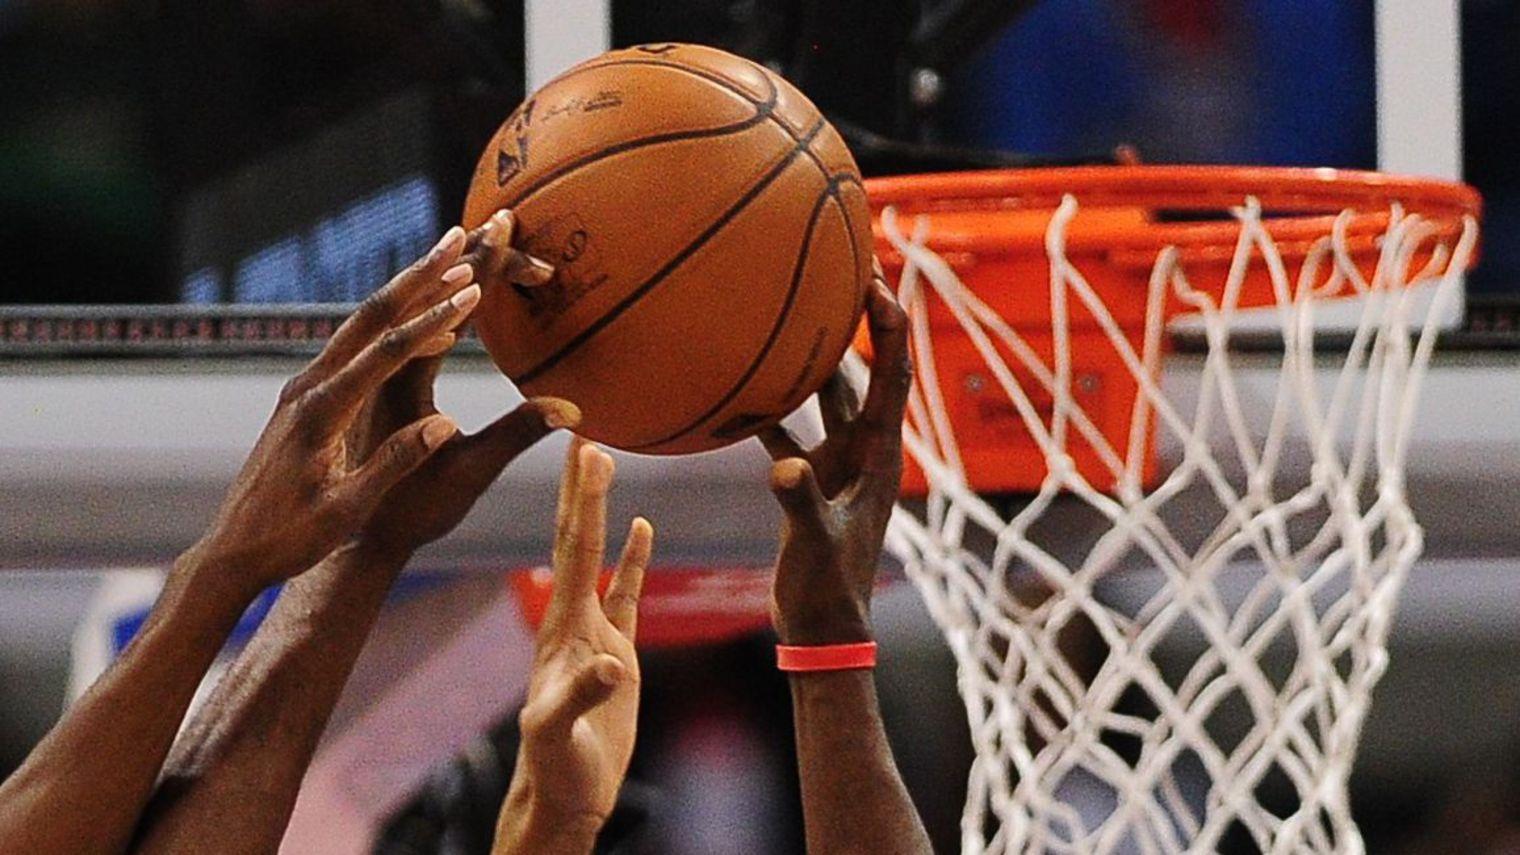 الجيش الملكي لكرة السلة يتألق في البطولة الأفريقية العسكرية